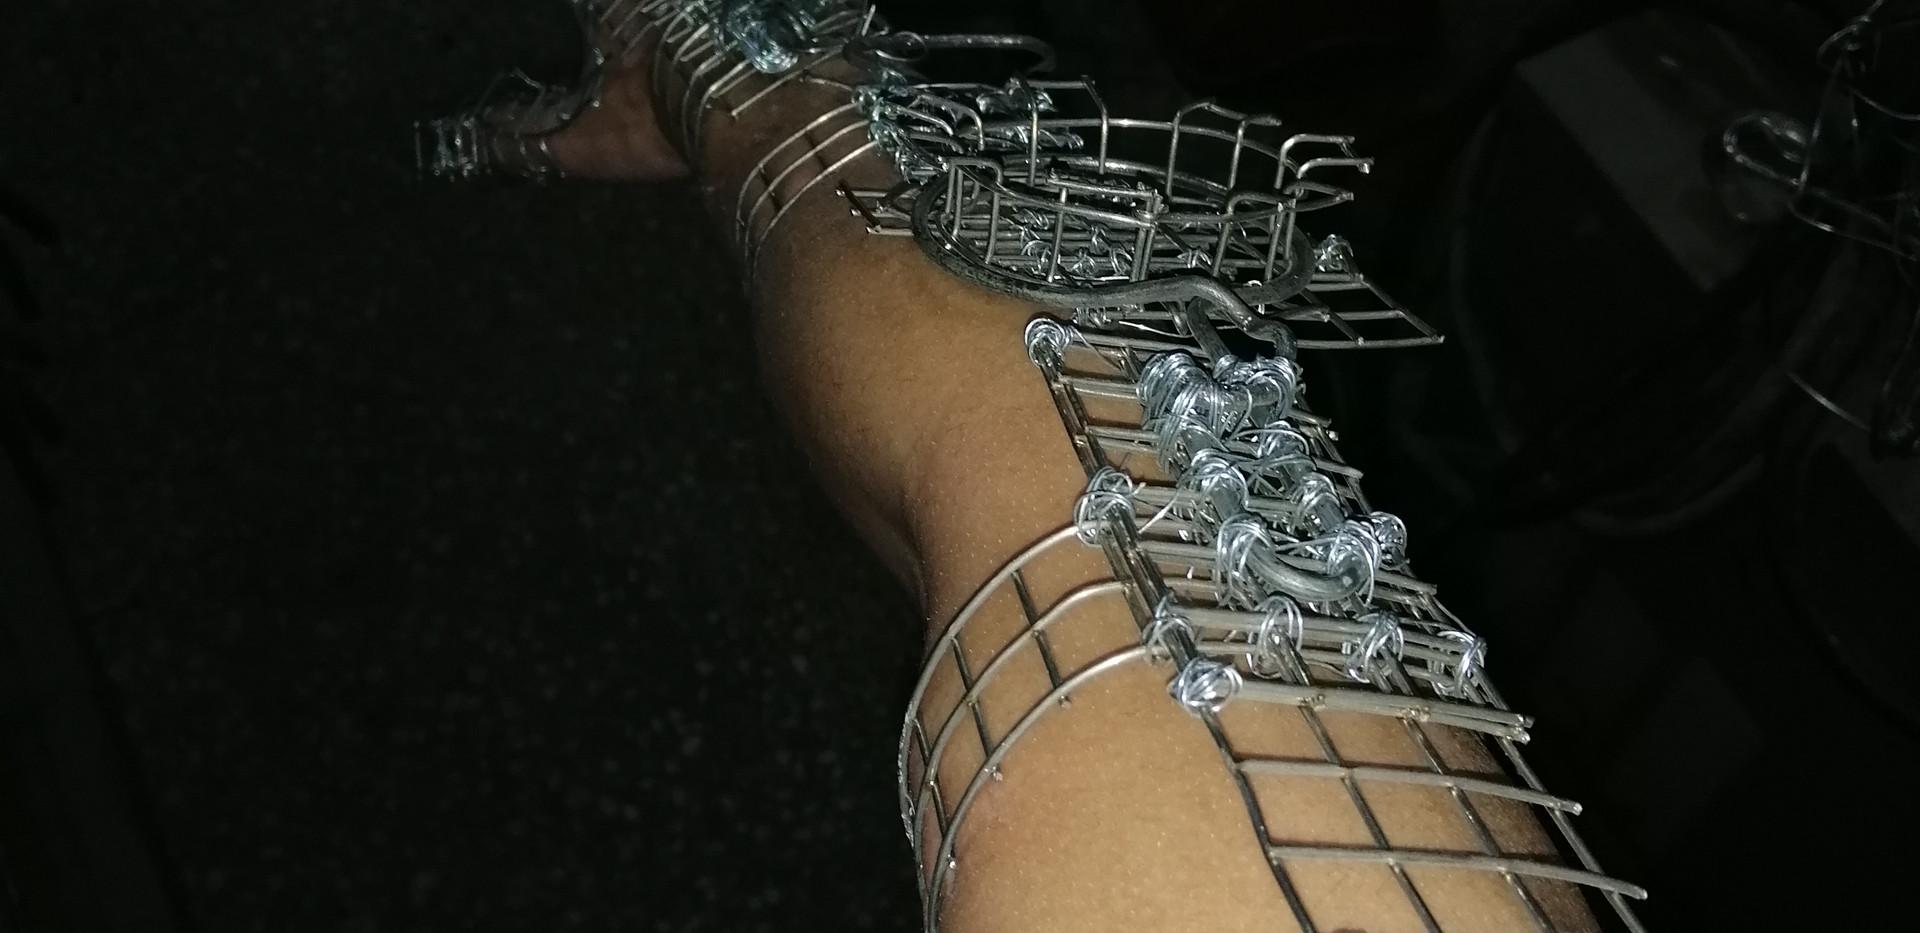 Articulated Exoskeleton, Worn